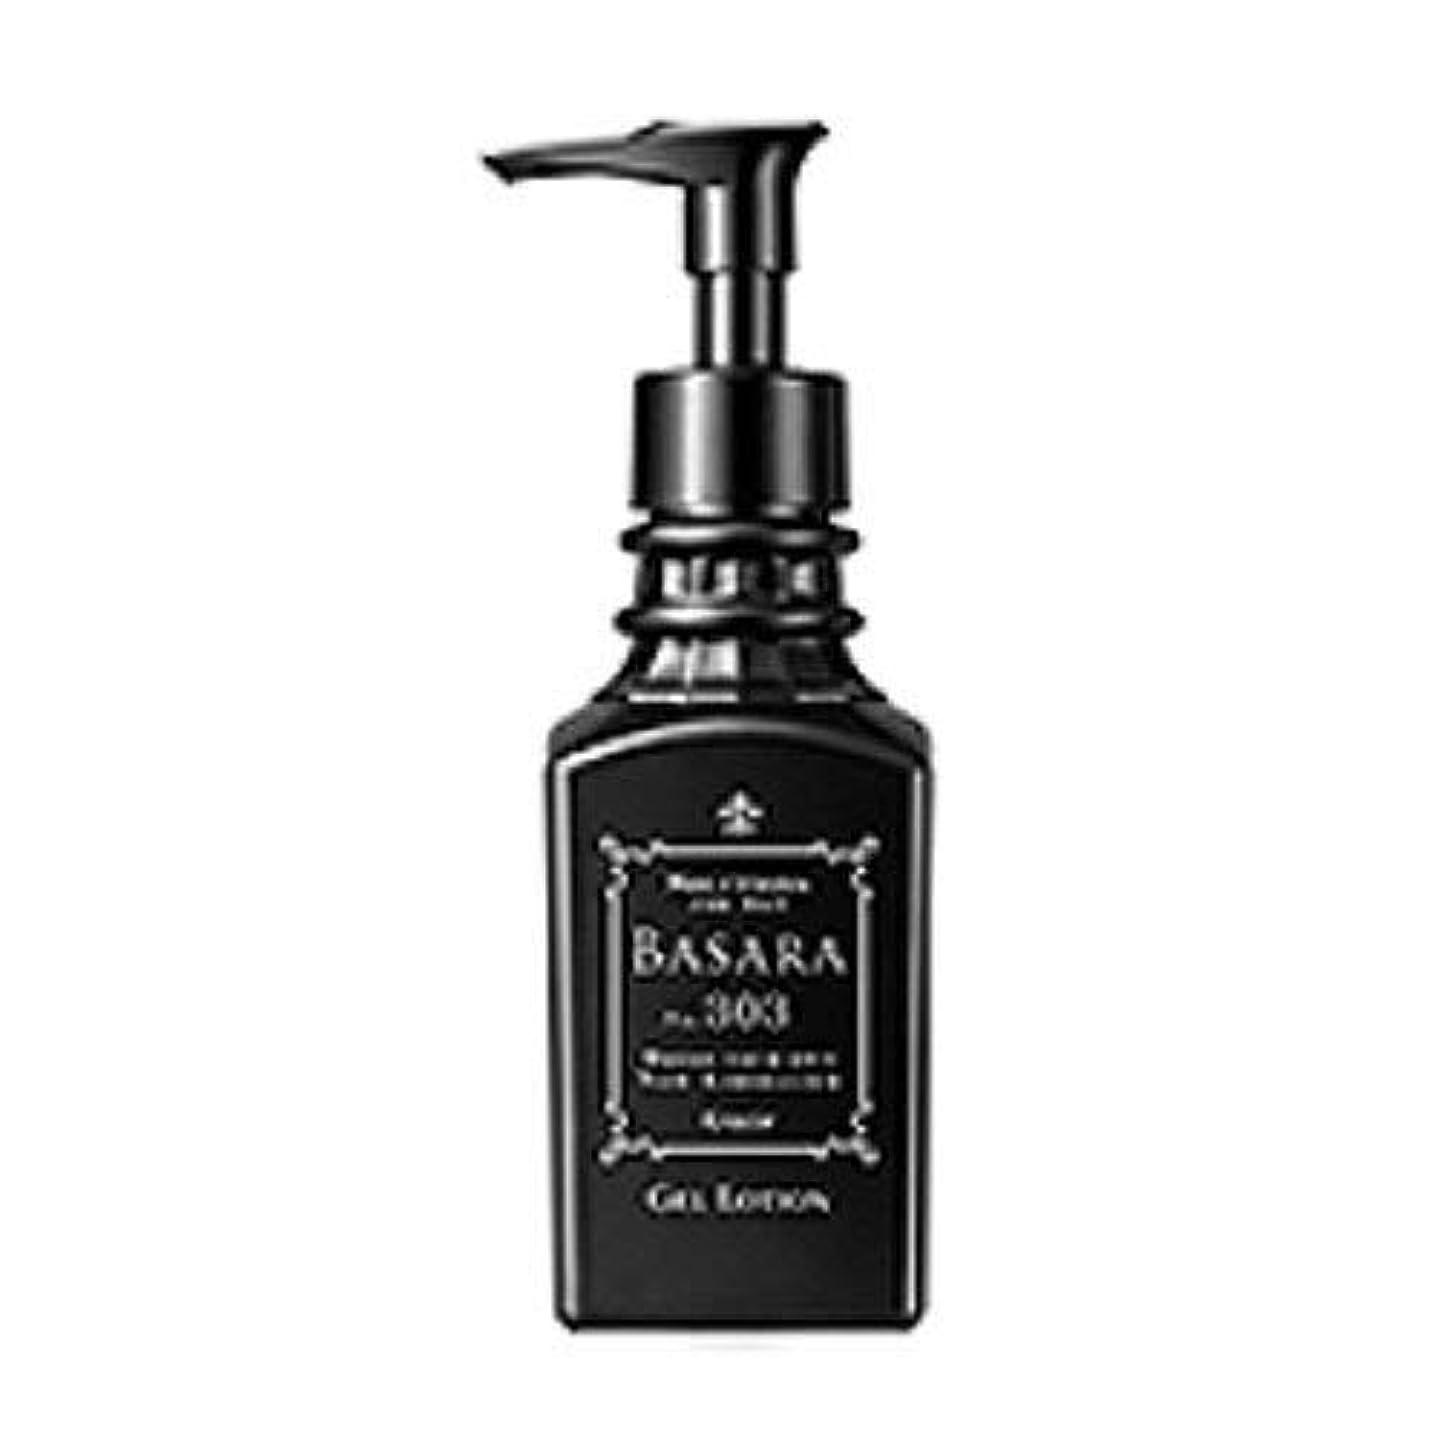 知覚できる側冗長BASARA(バサラ) 303 ジェルローション 化粧水 140ml